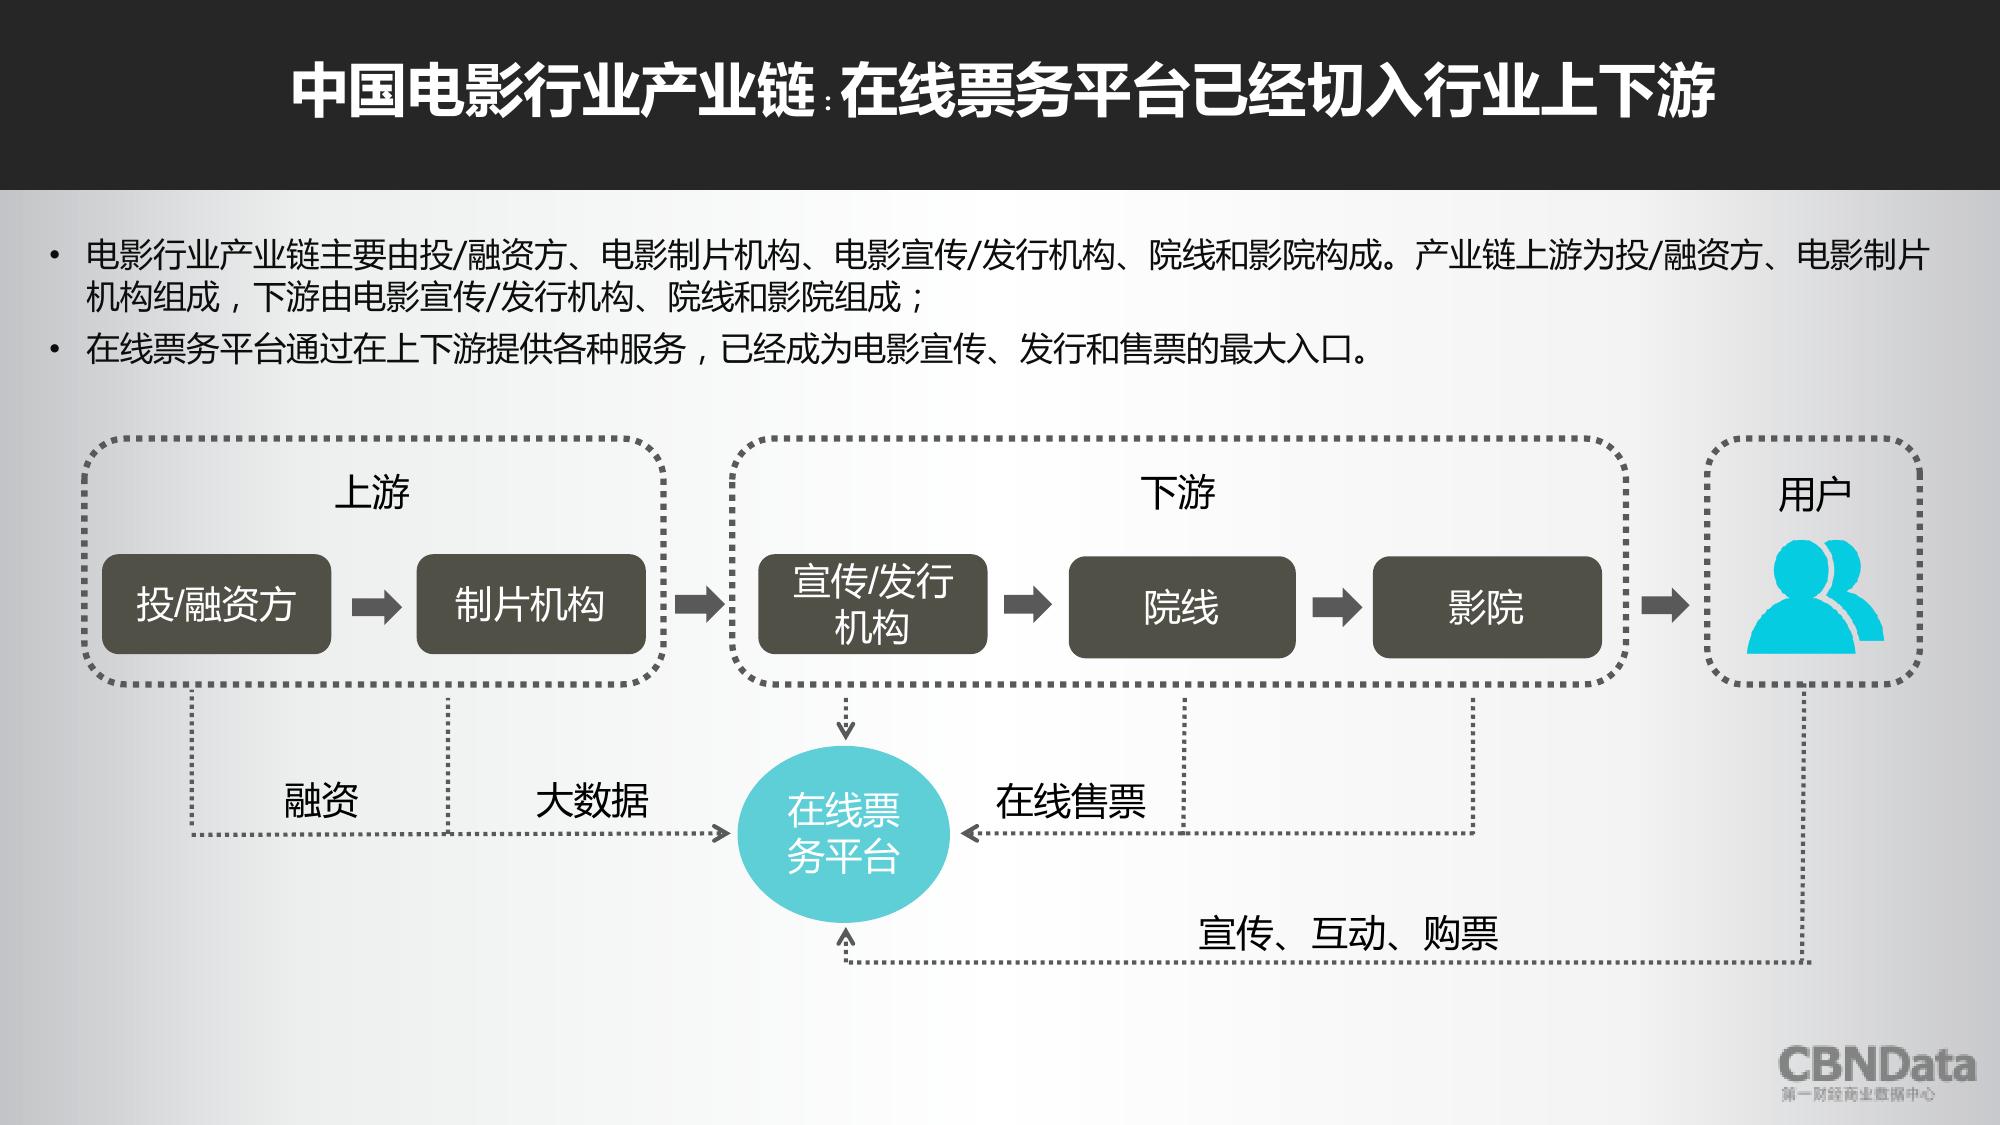 2016上半年中国在线票务平台大数据报告_000006